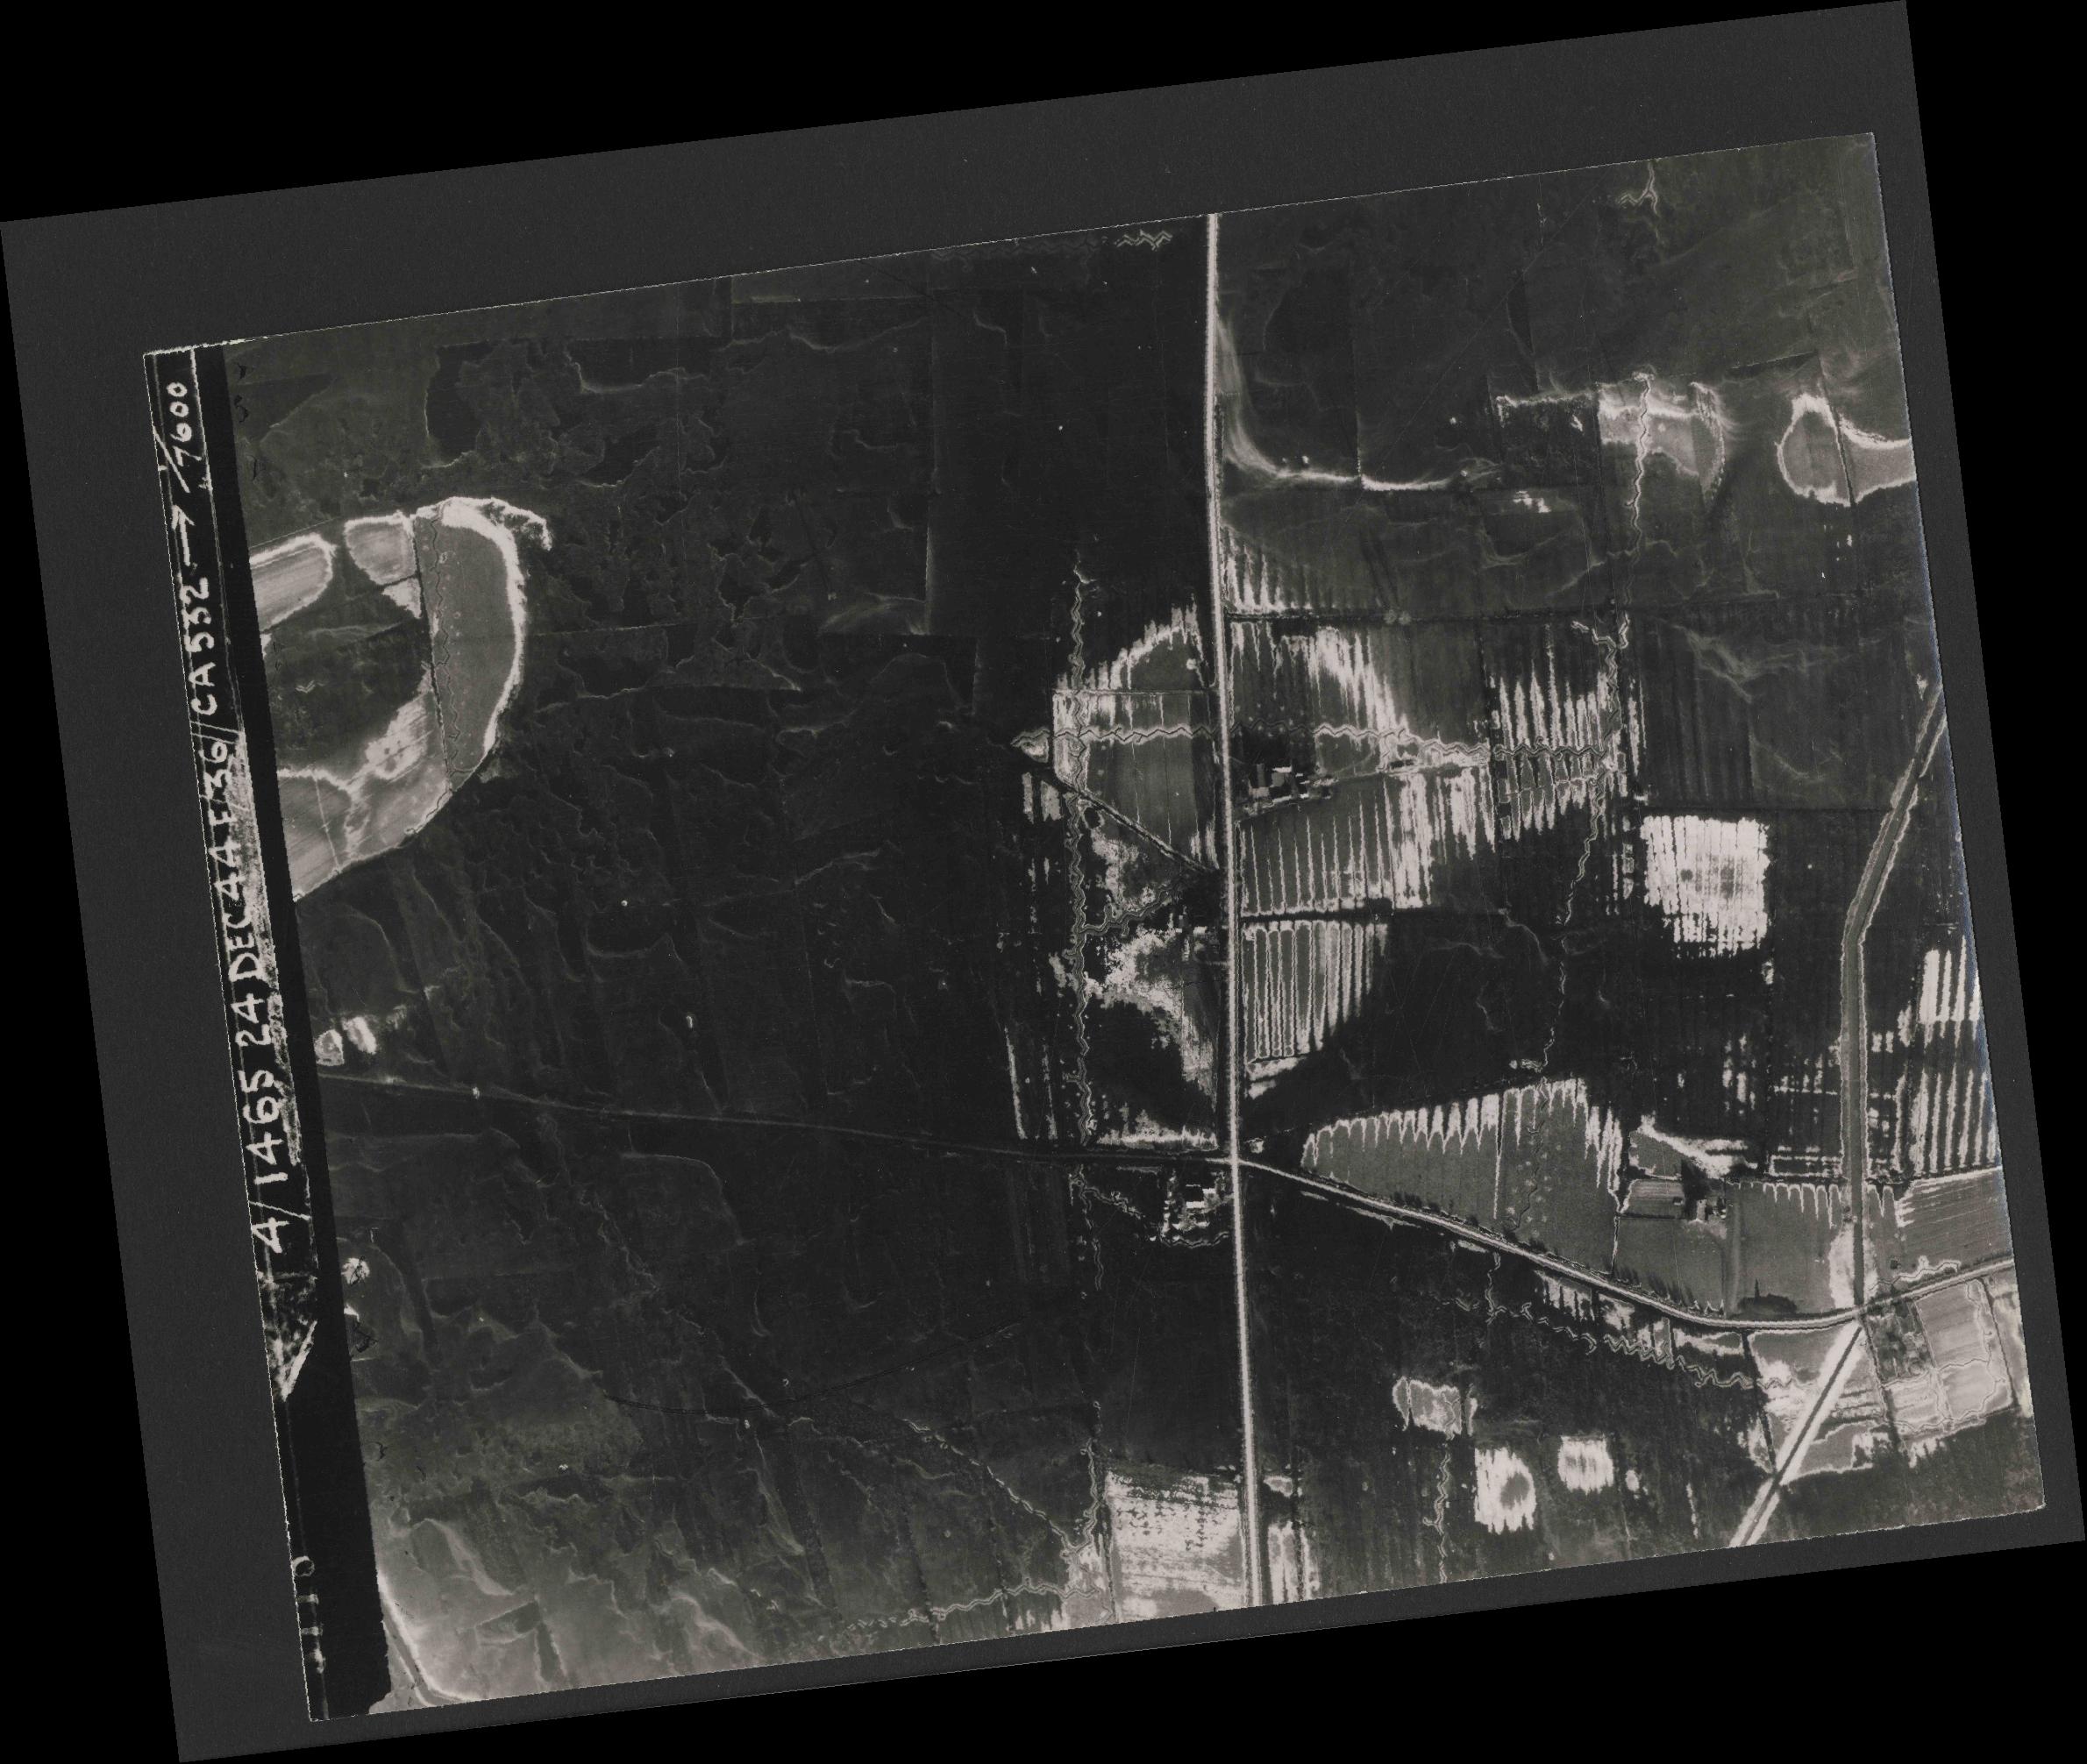 Collection RAF aerial photos 1940-1945 - flight 304, run 01, photo 3118